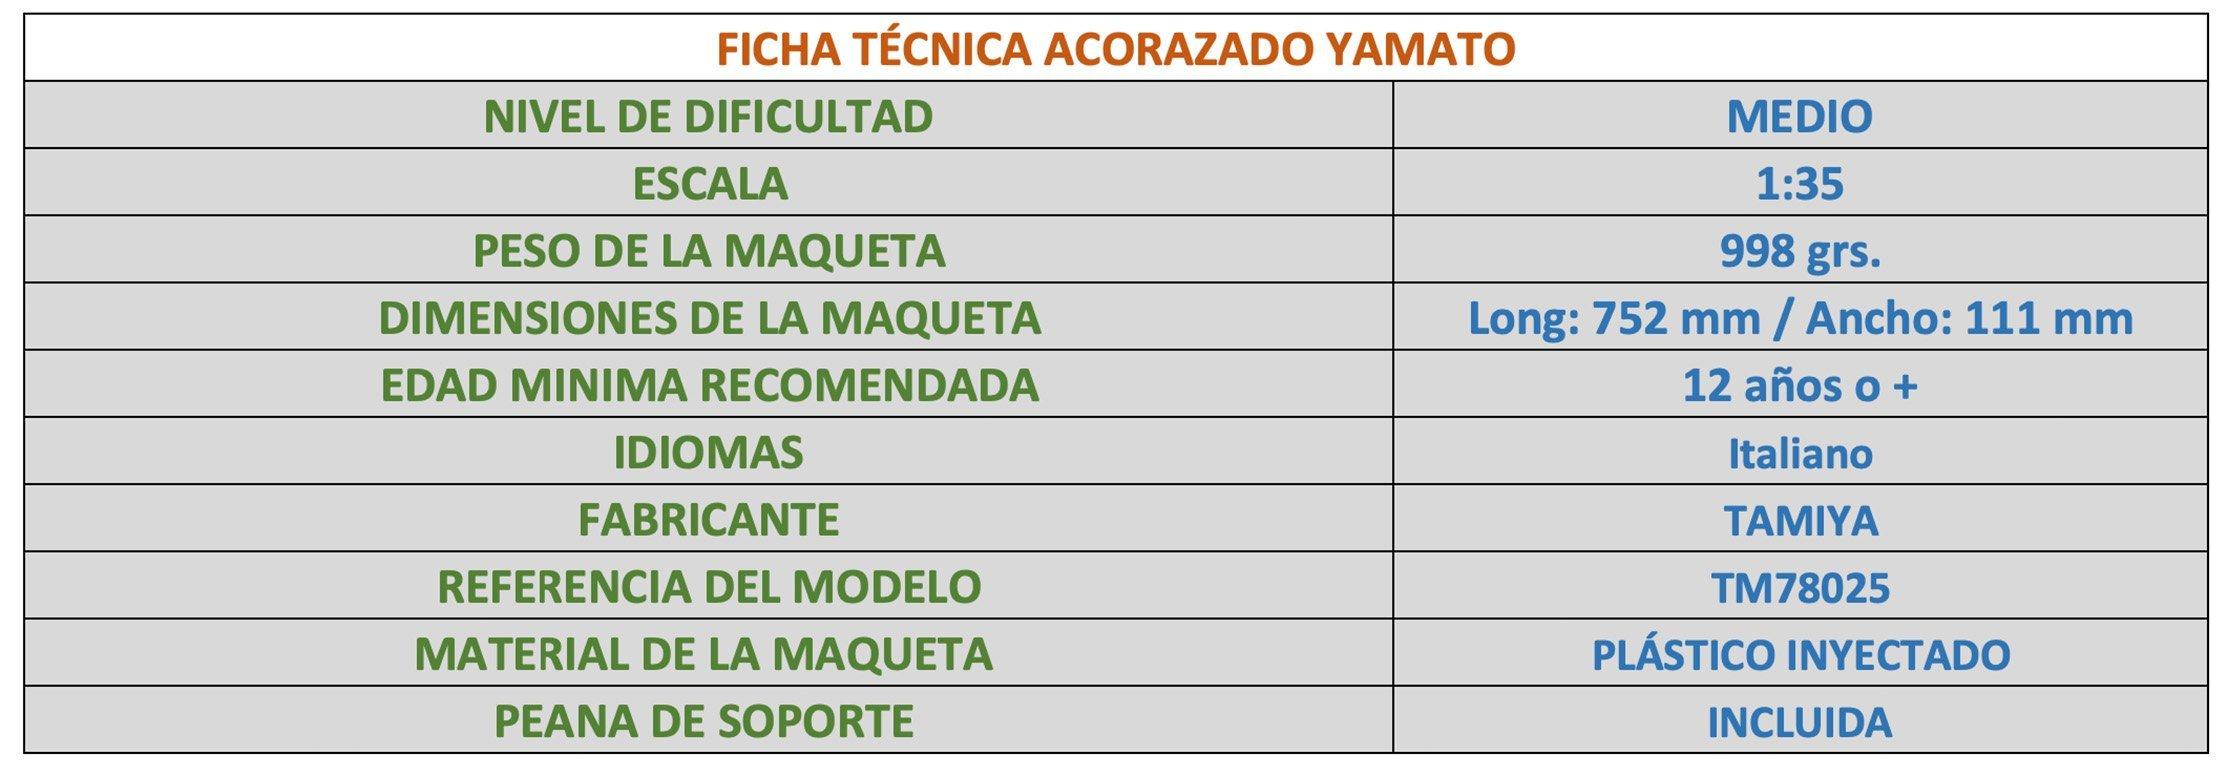 FICHA TECNICA ACORAZADO YAMATO